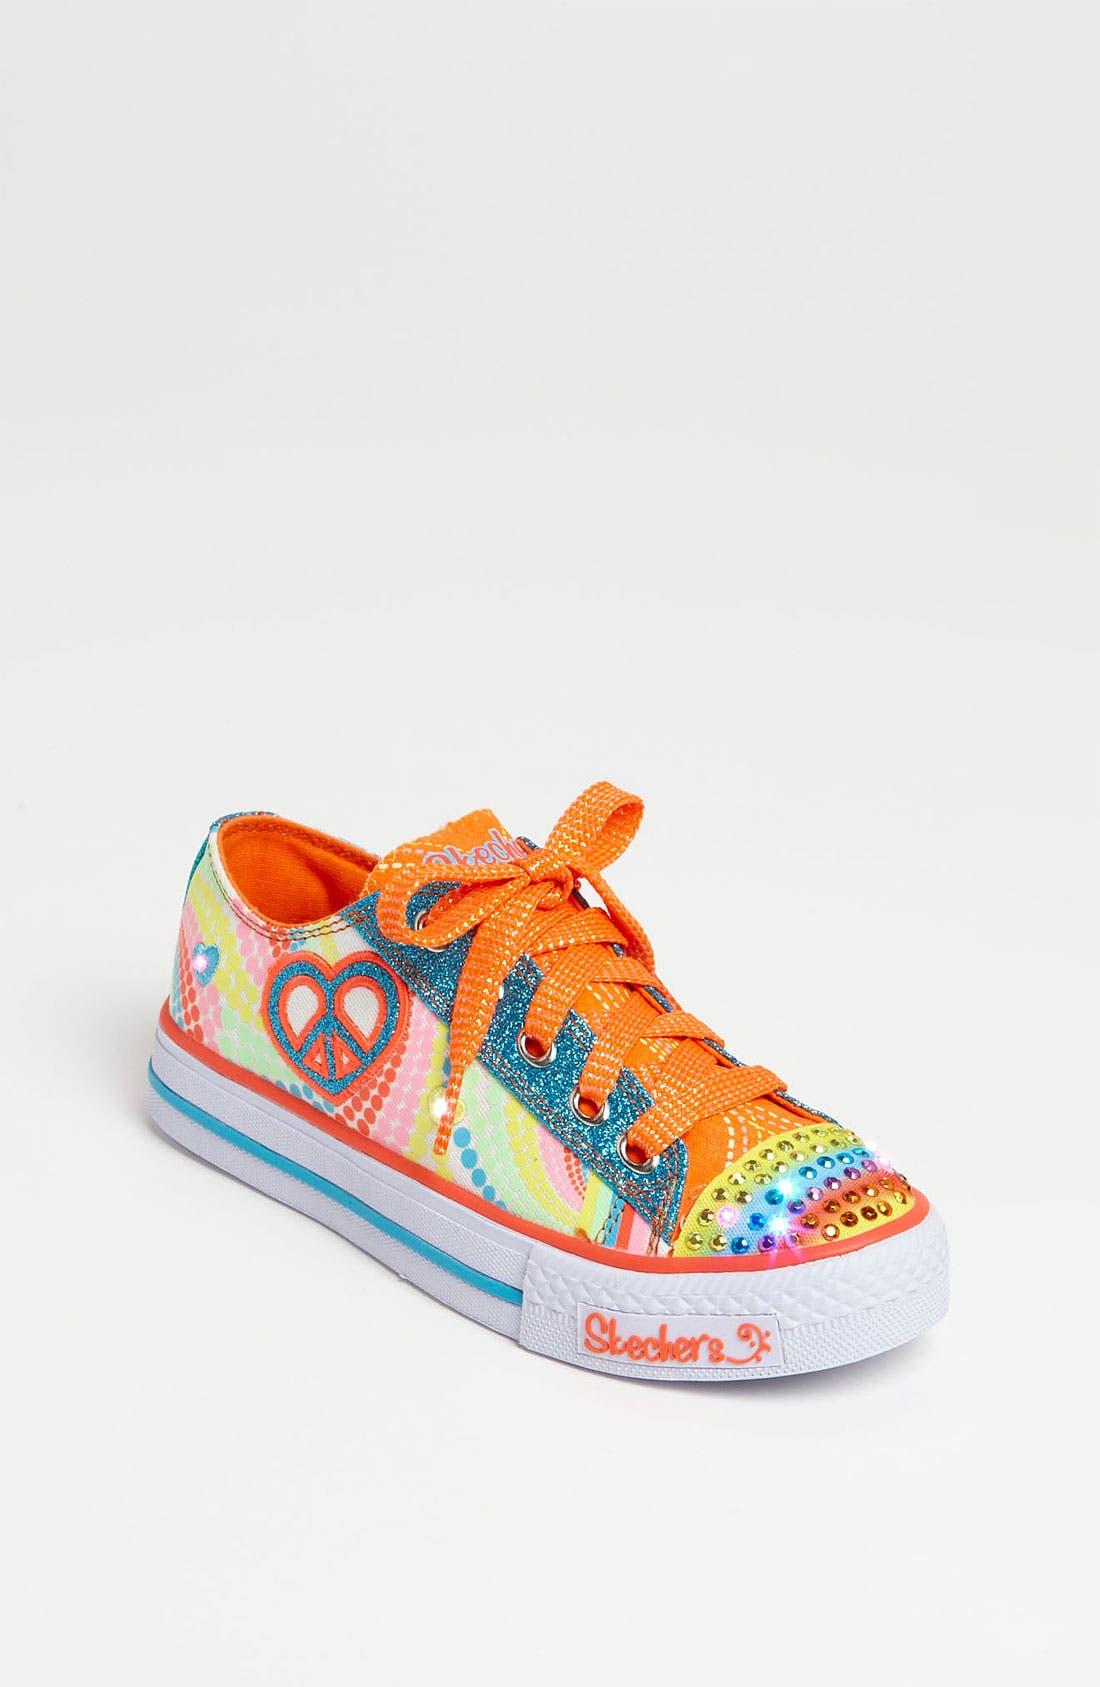 Alternate Image 1 Selected - SKECHERS 'Shuffles - Lights Heart Sparks' Sneaker (Walker, Toddler & Little Kid)